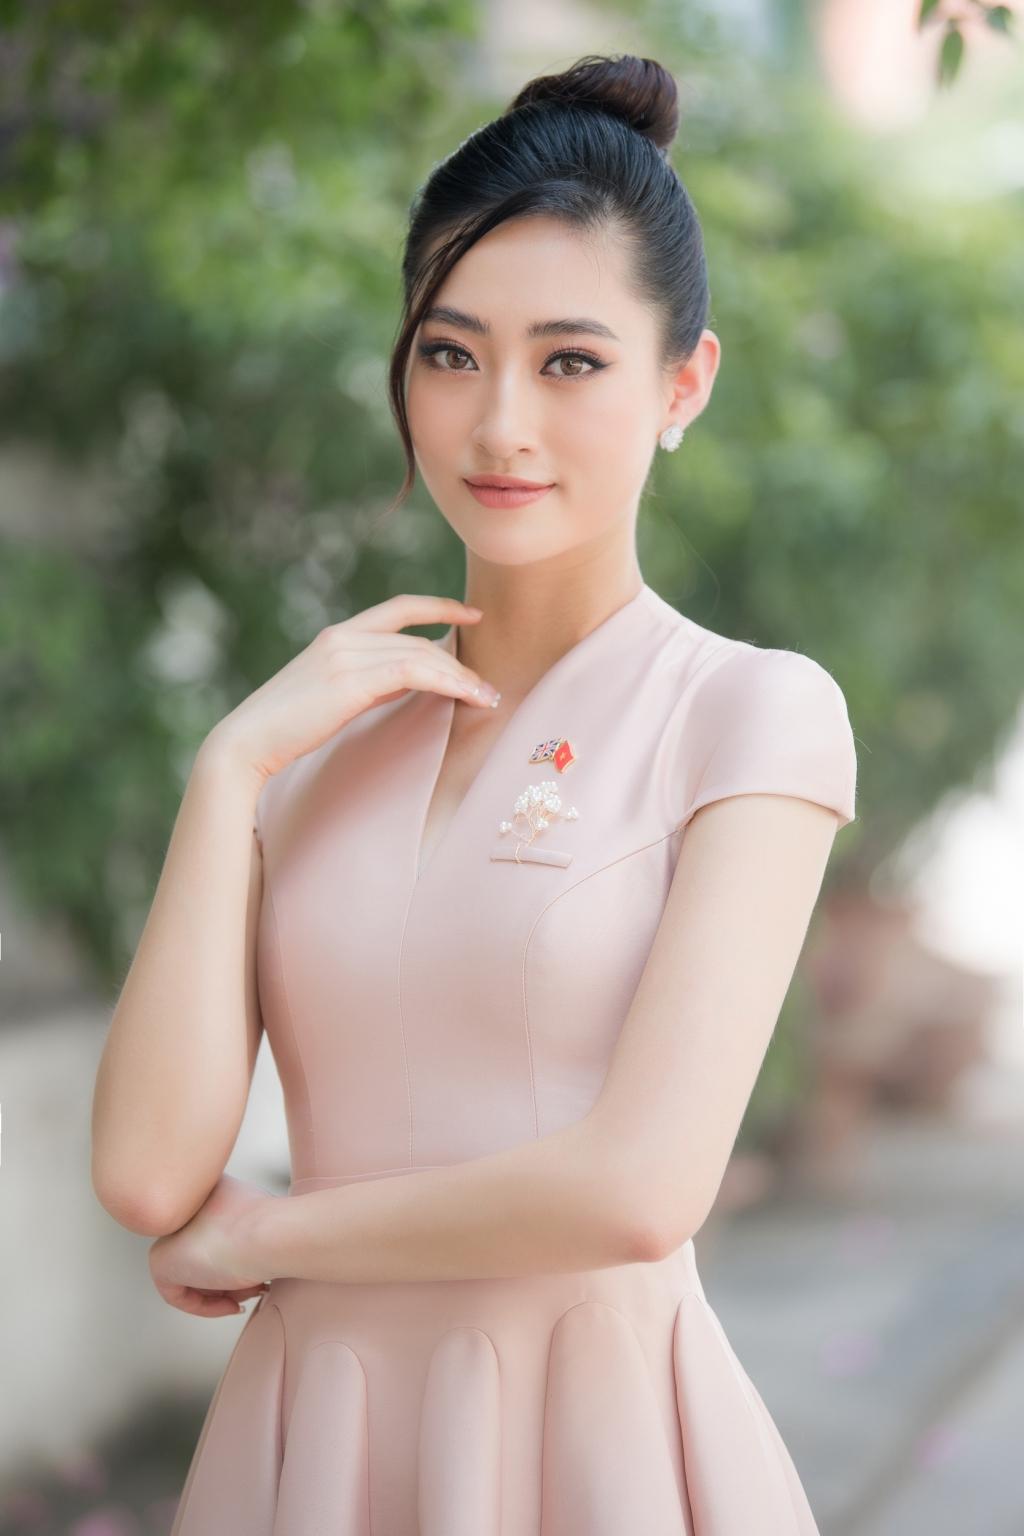 luong thuy linh dong hanh cung dai su quan anh phong chong buon ban nguoi